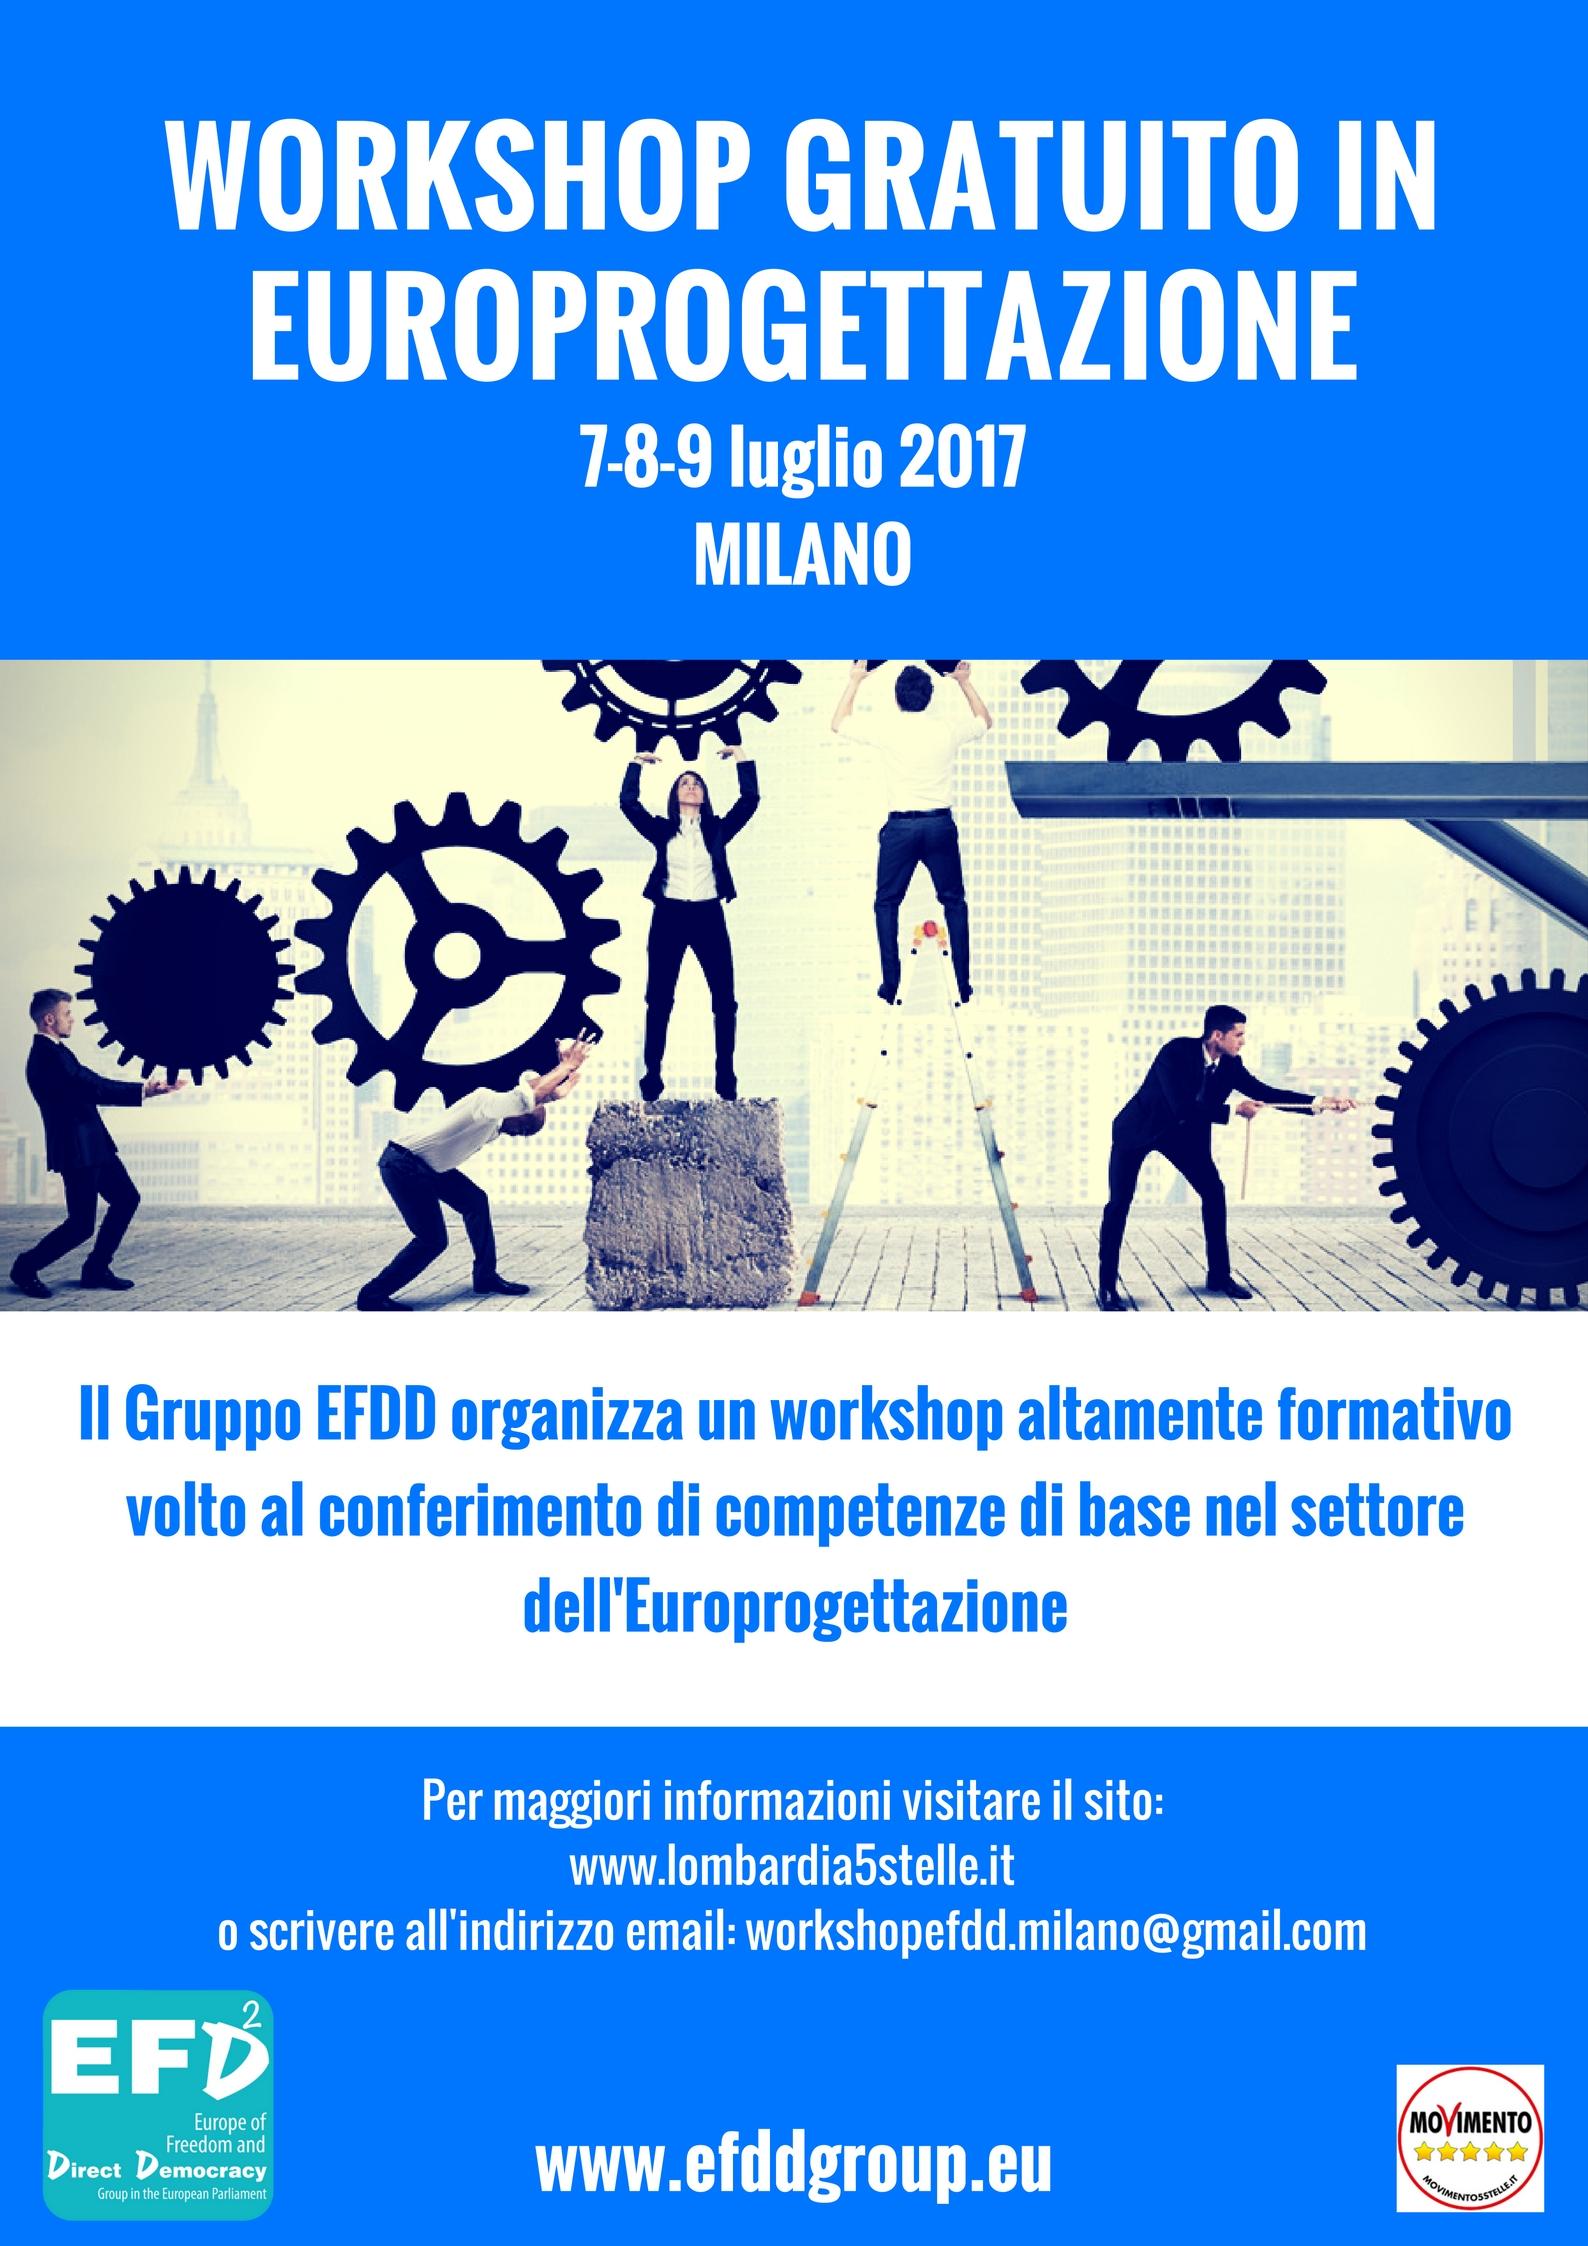 Workshop gratuito in Europrogettazione il 7-8-9 luglio a Milano.